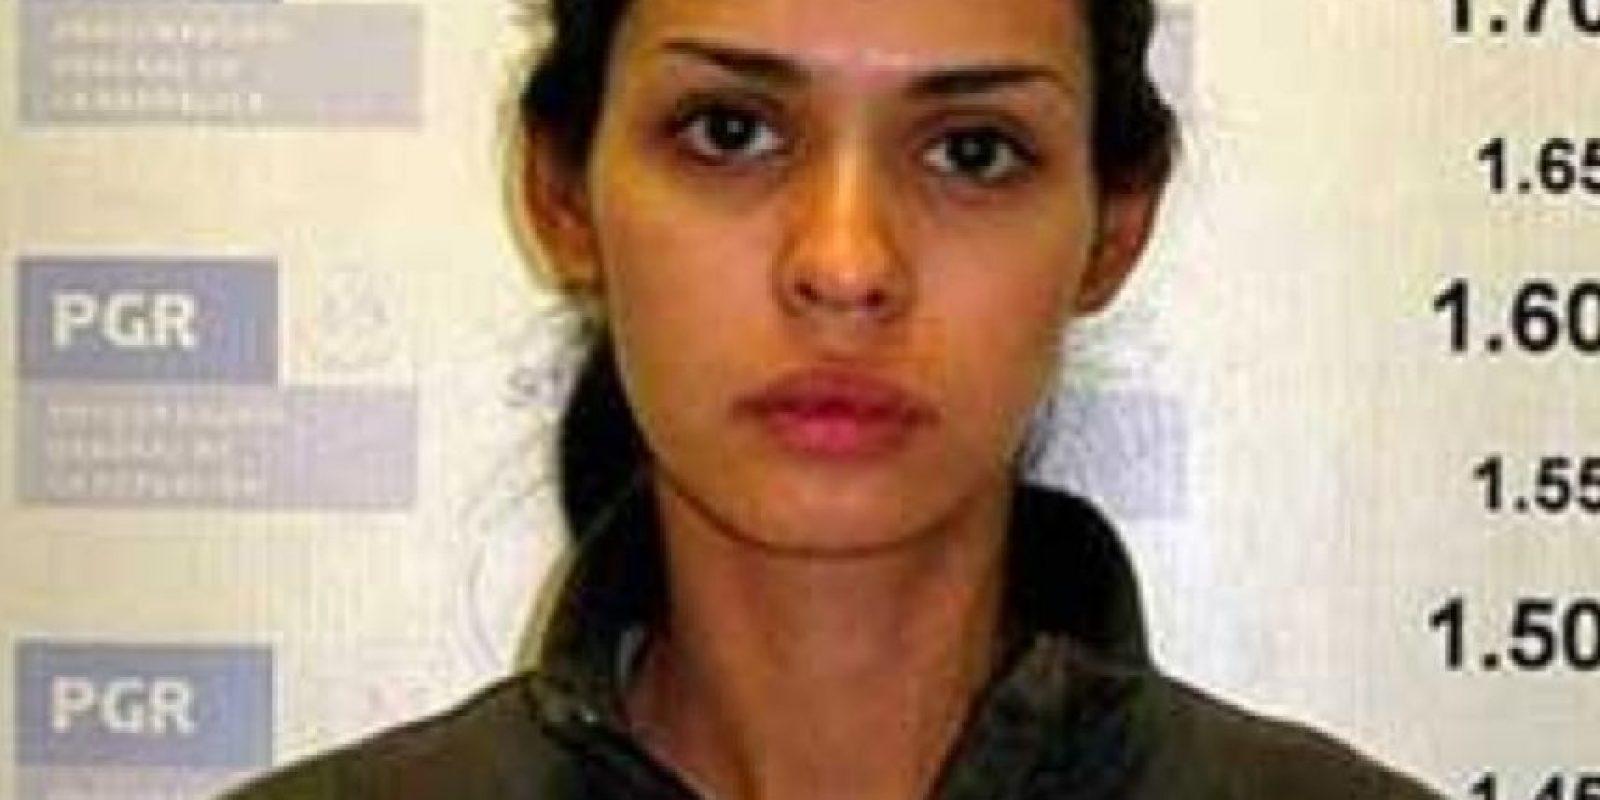 Por esto fue detenida en 2008 en un retén militar, junto con ármas y dólares en efectivo. Foto:vía PGR